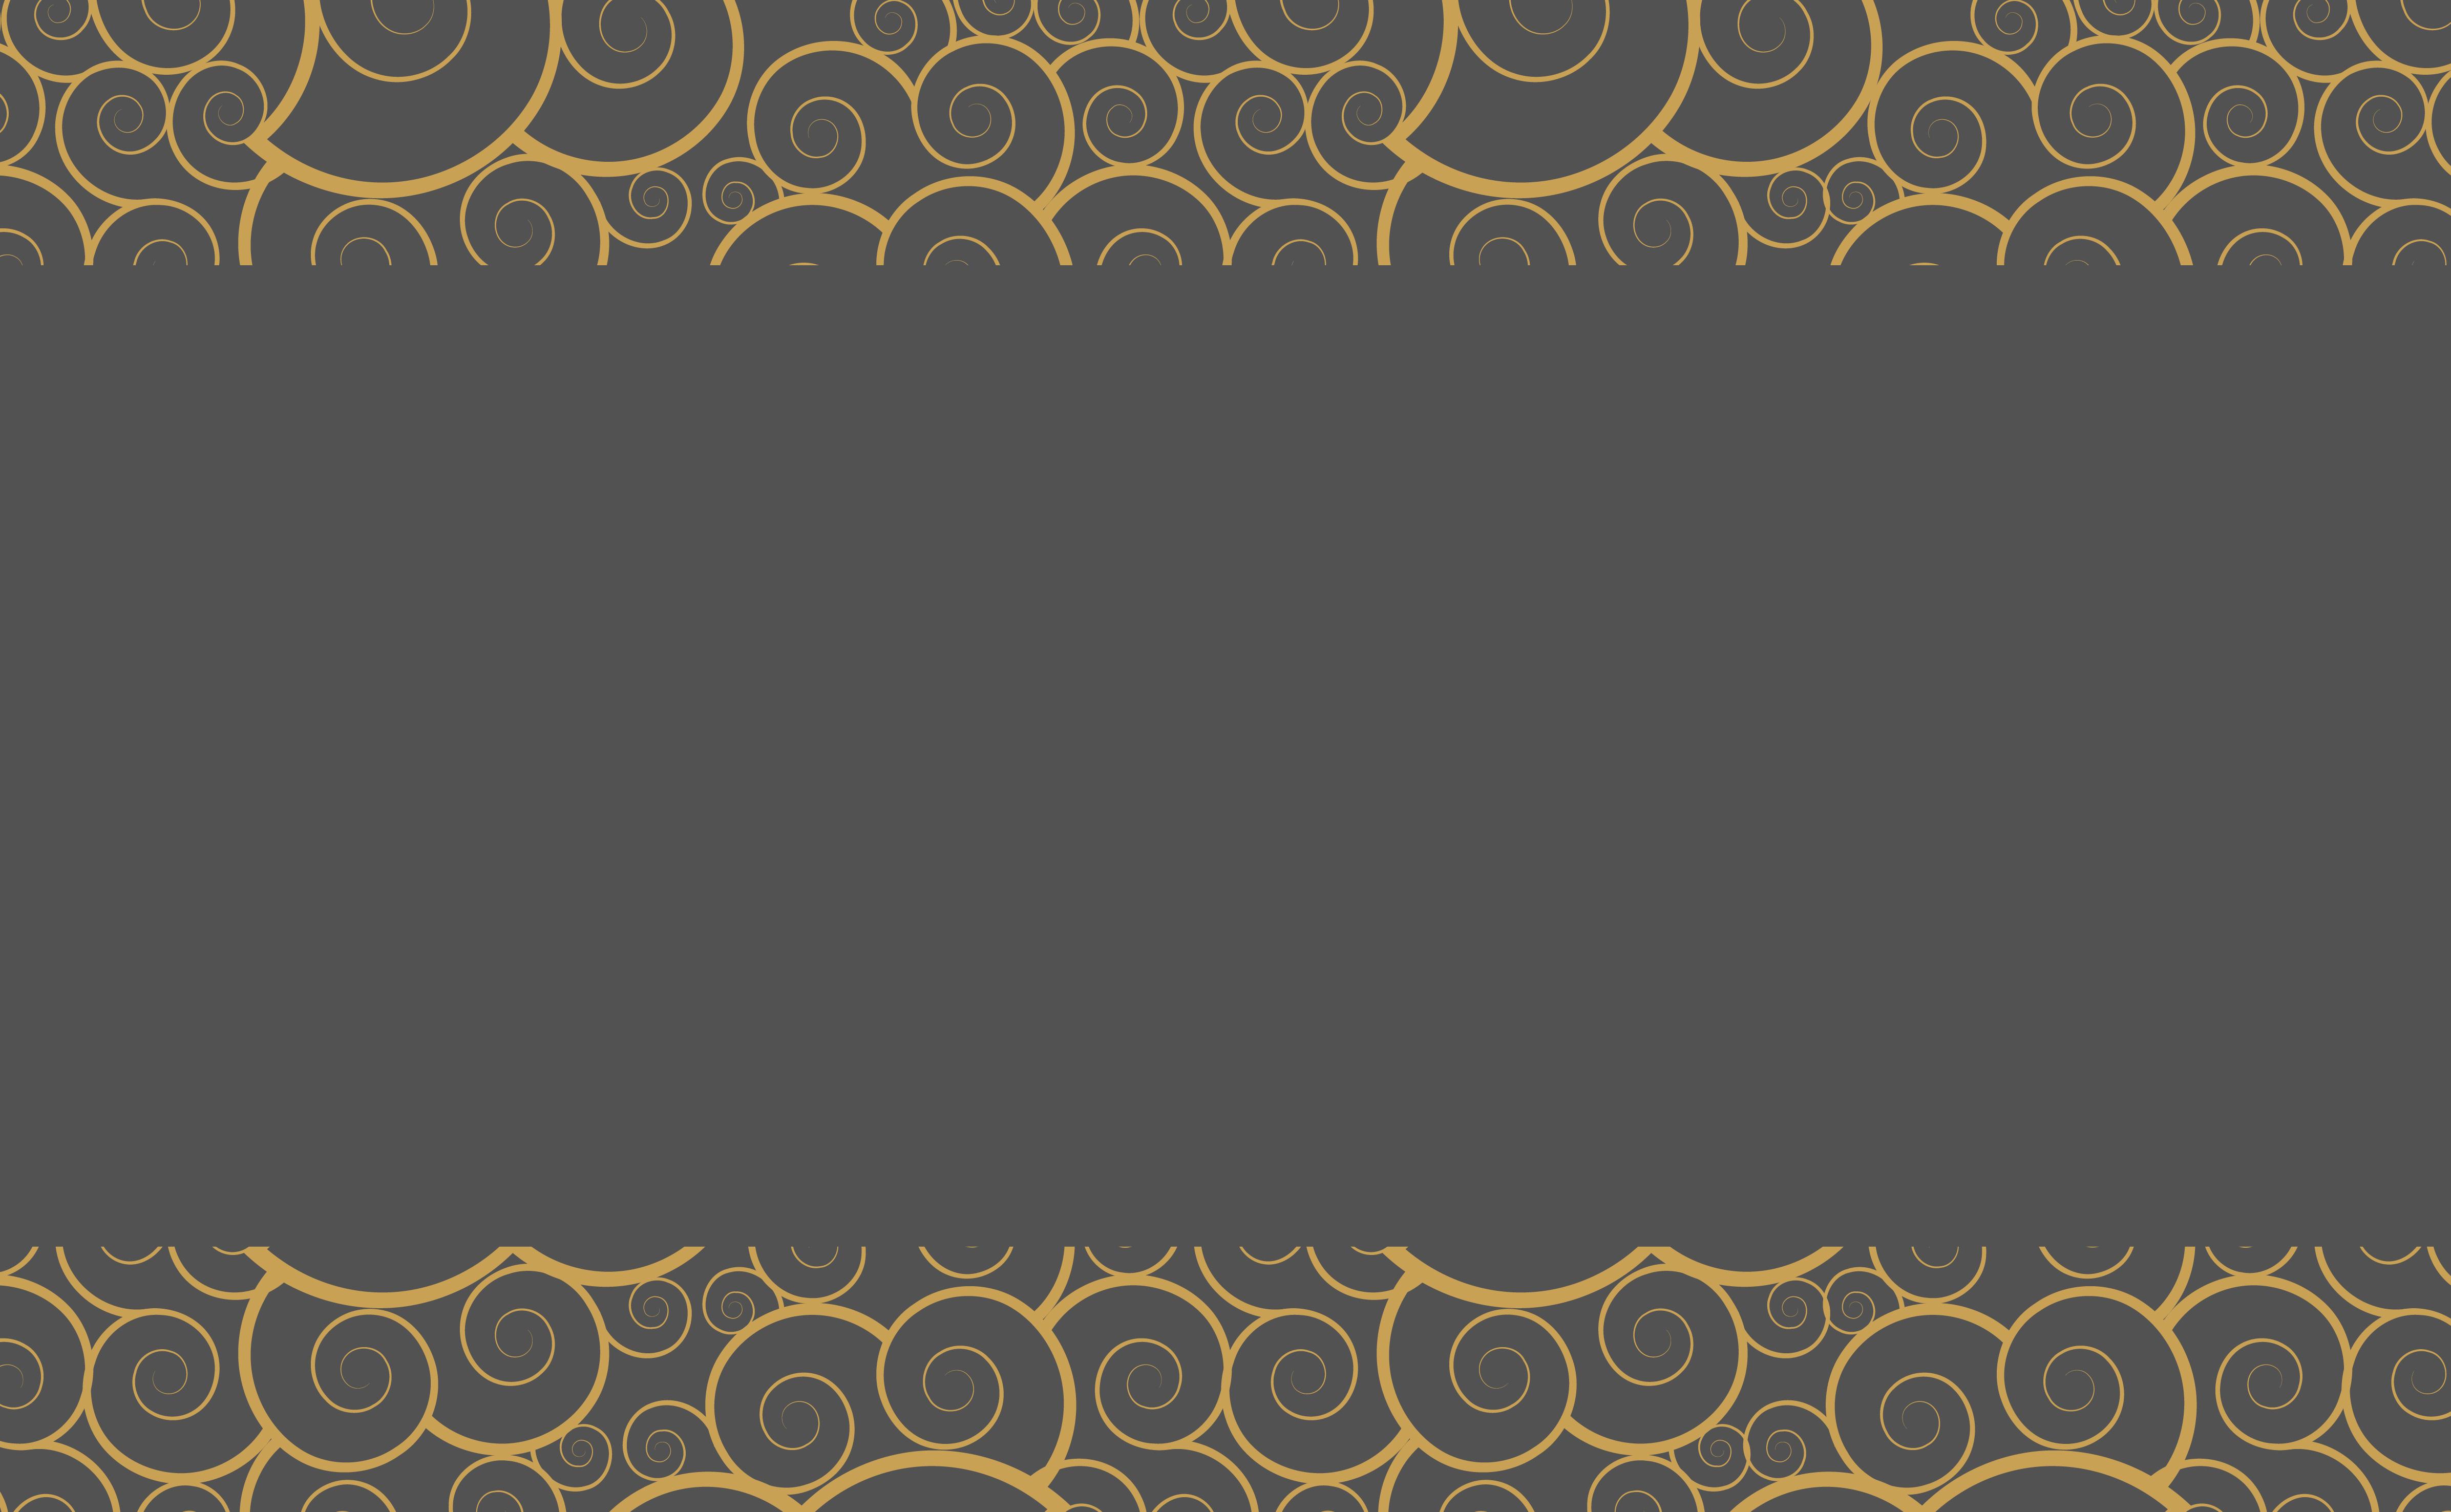 cercle d or noir de la mati u00e8re de fond or cercle fond noir